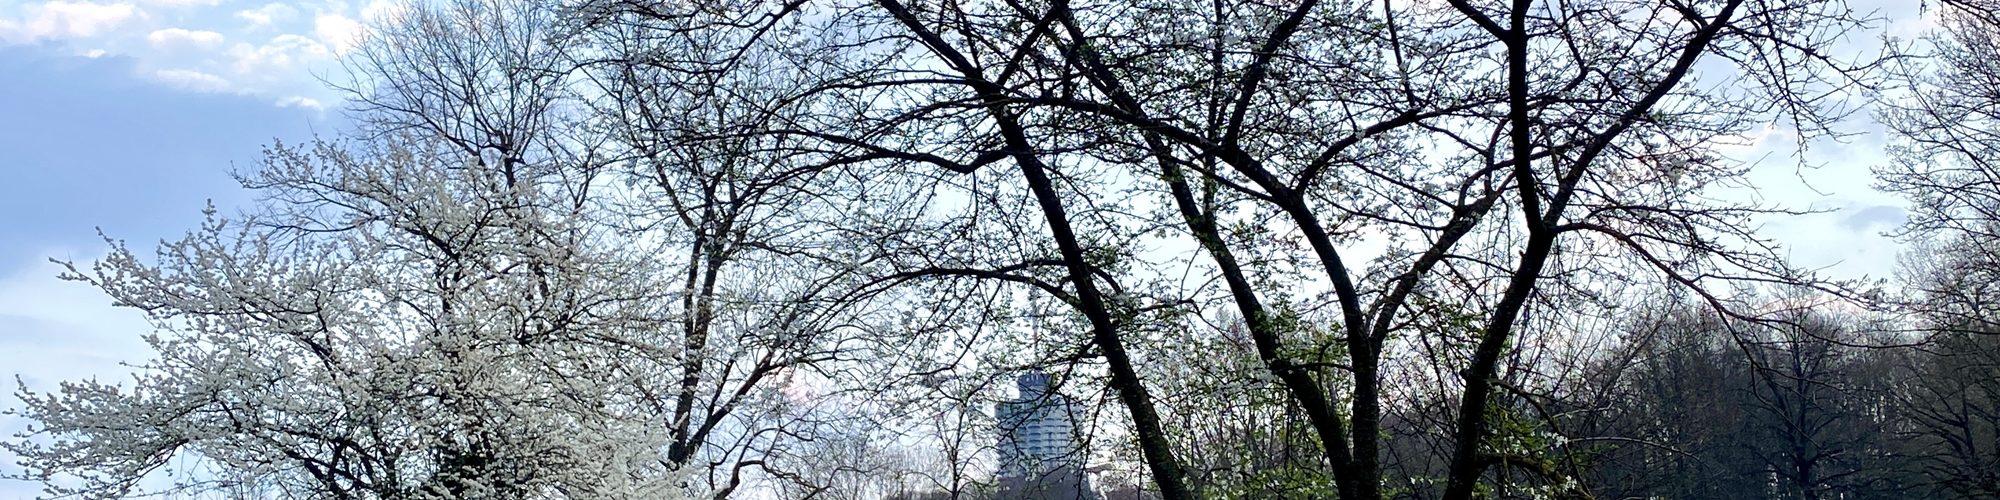 Symbolbild Reise Erinnerung: blühende Bäume im Frühjahr am Wertachkanal in Augsburg